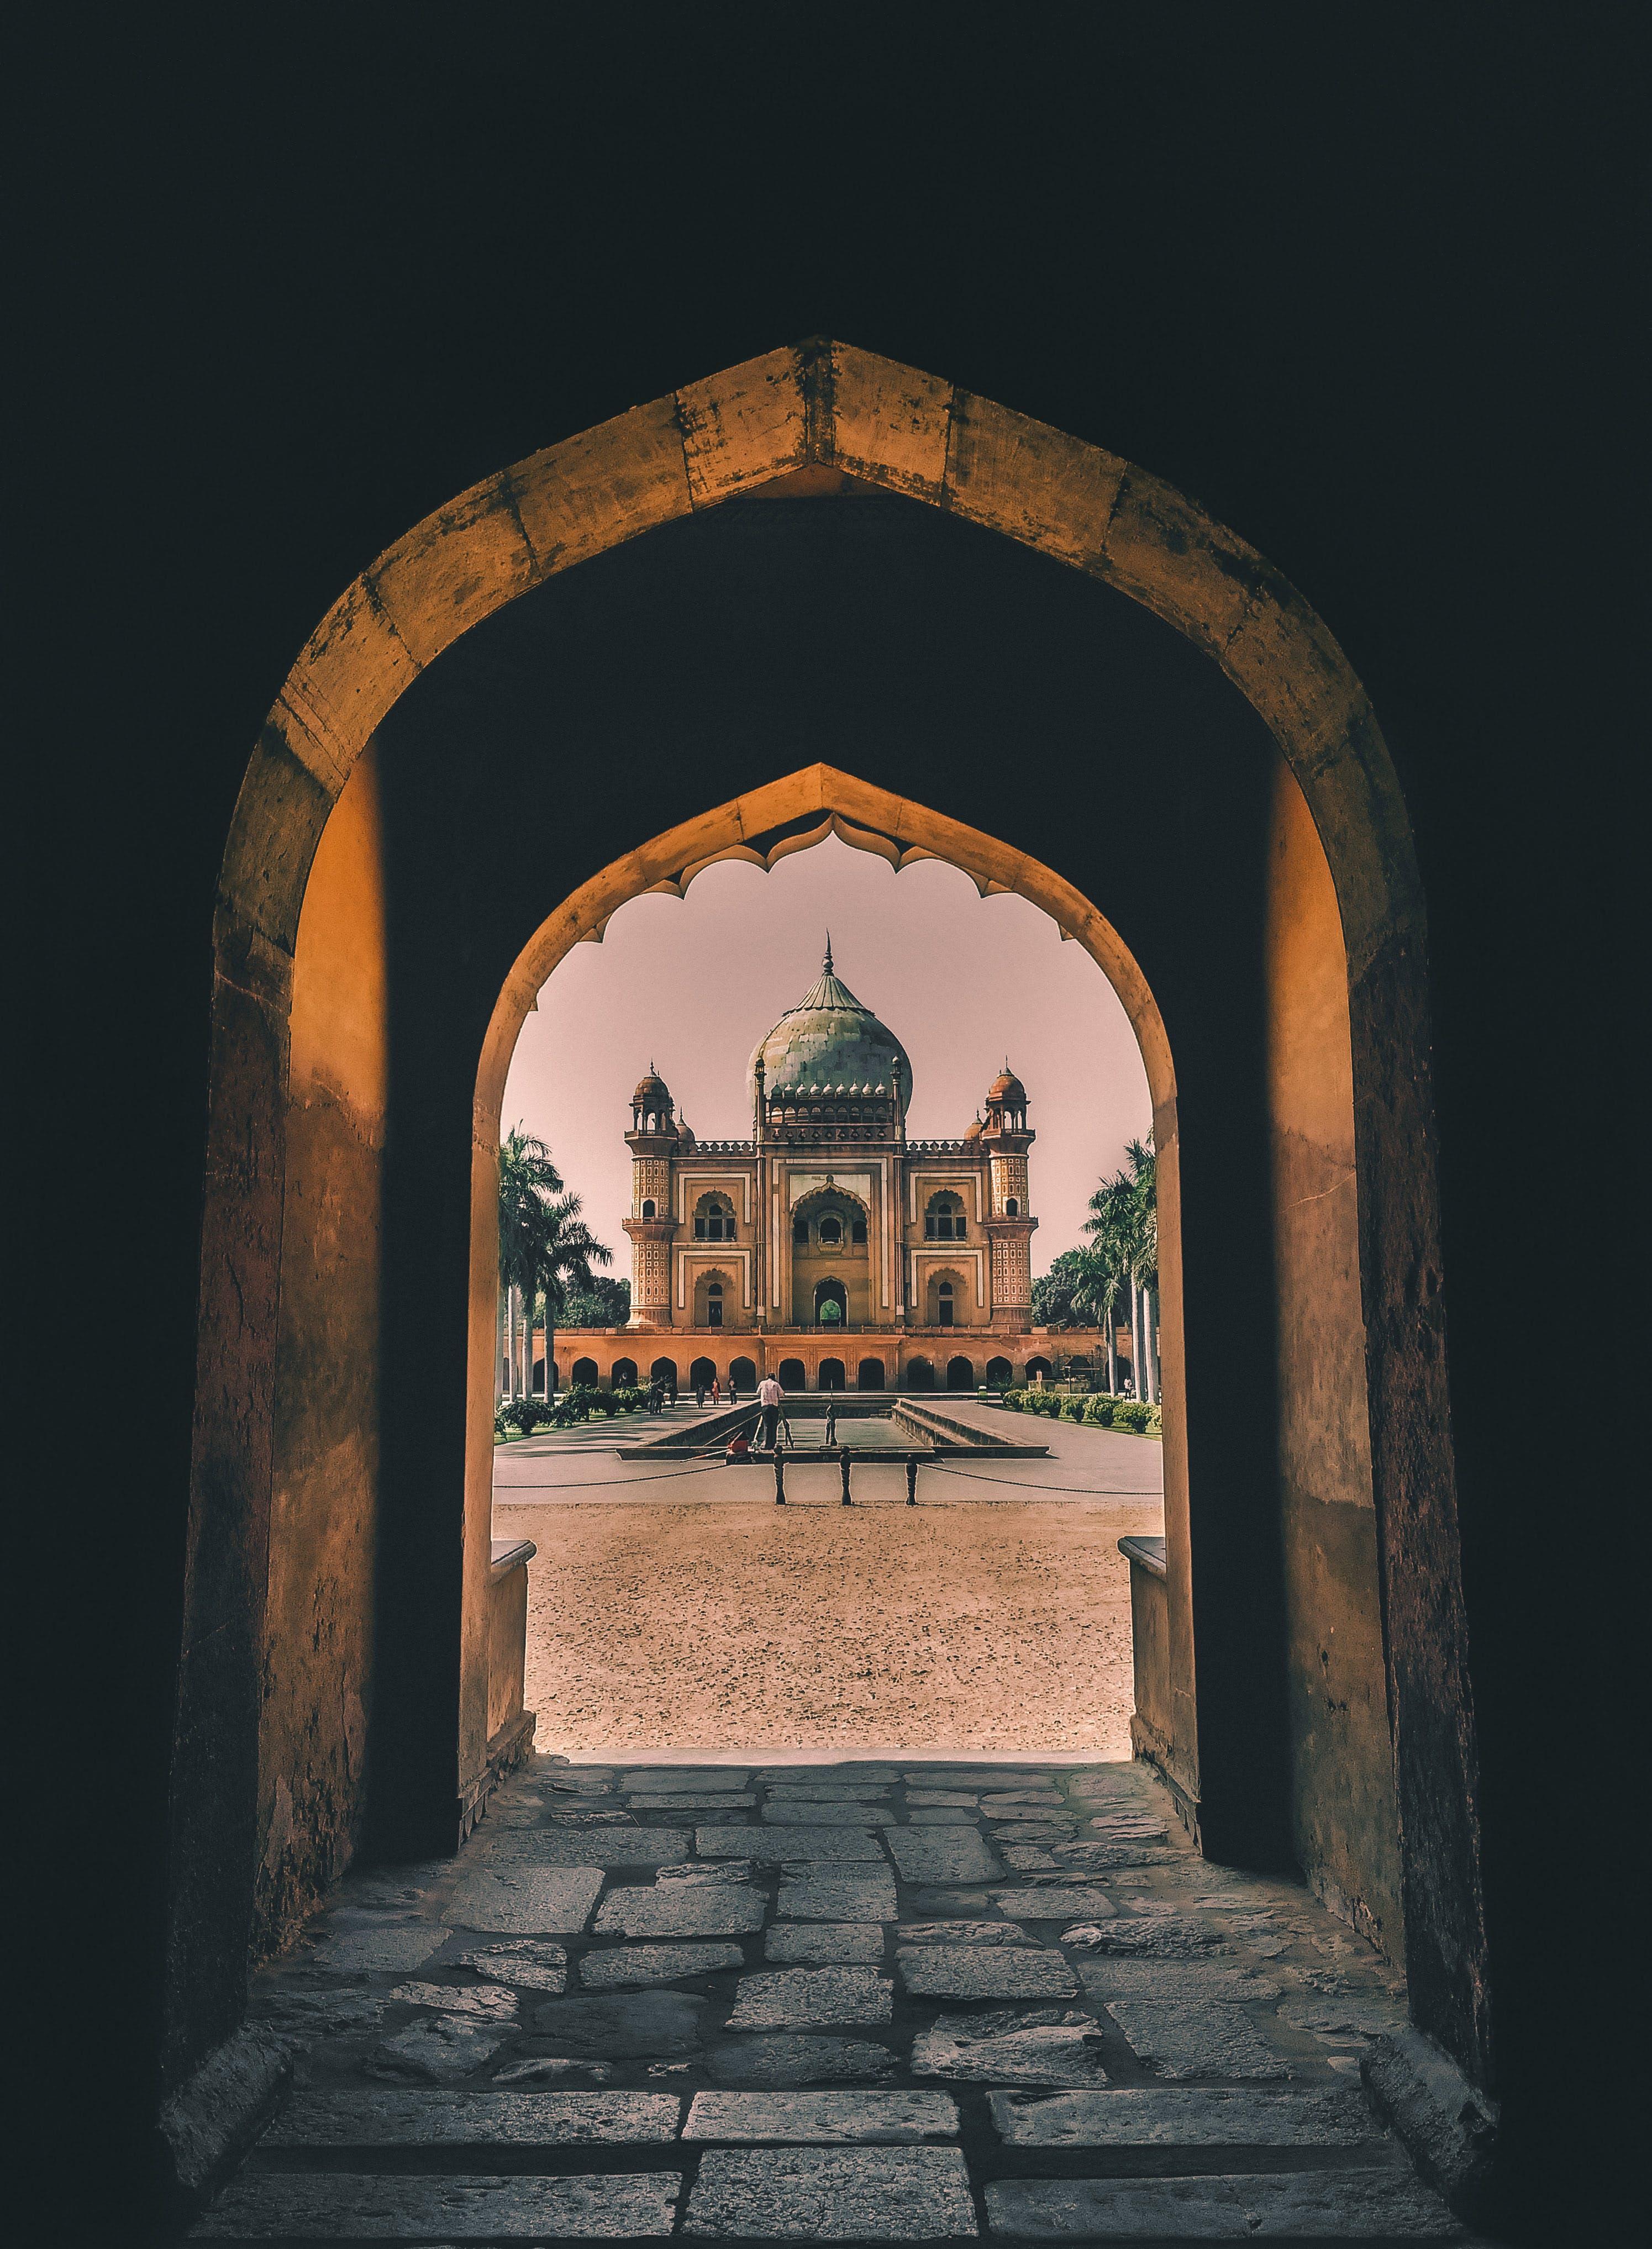 Ấn Độ, cánh cổng, cửa ngõ